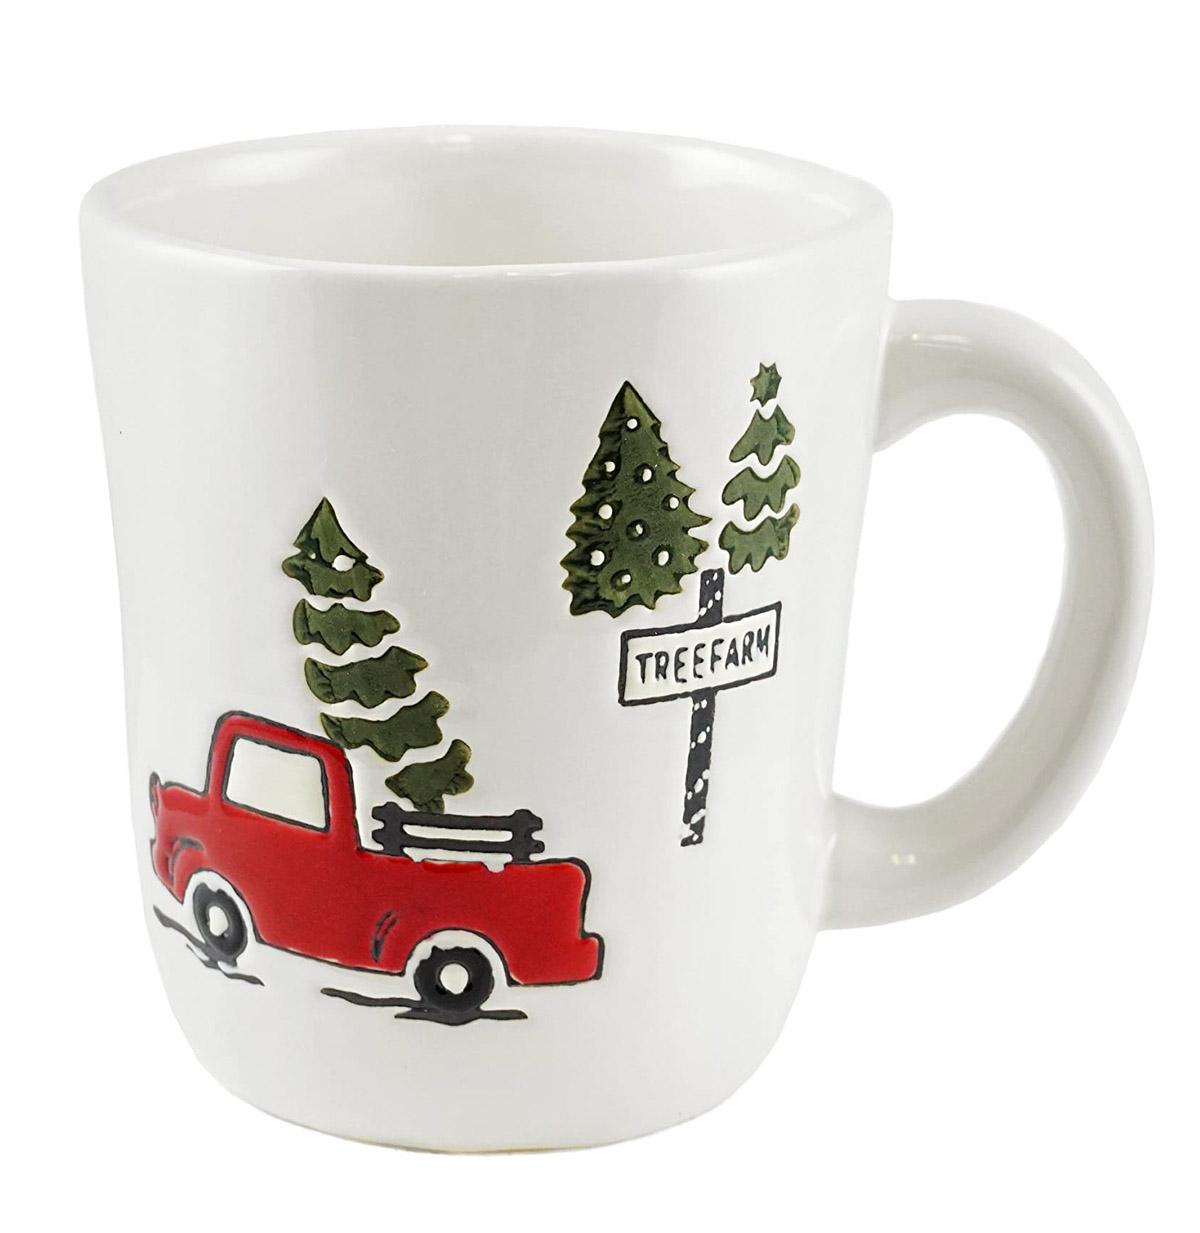 tree farm mug